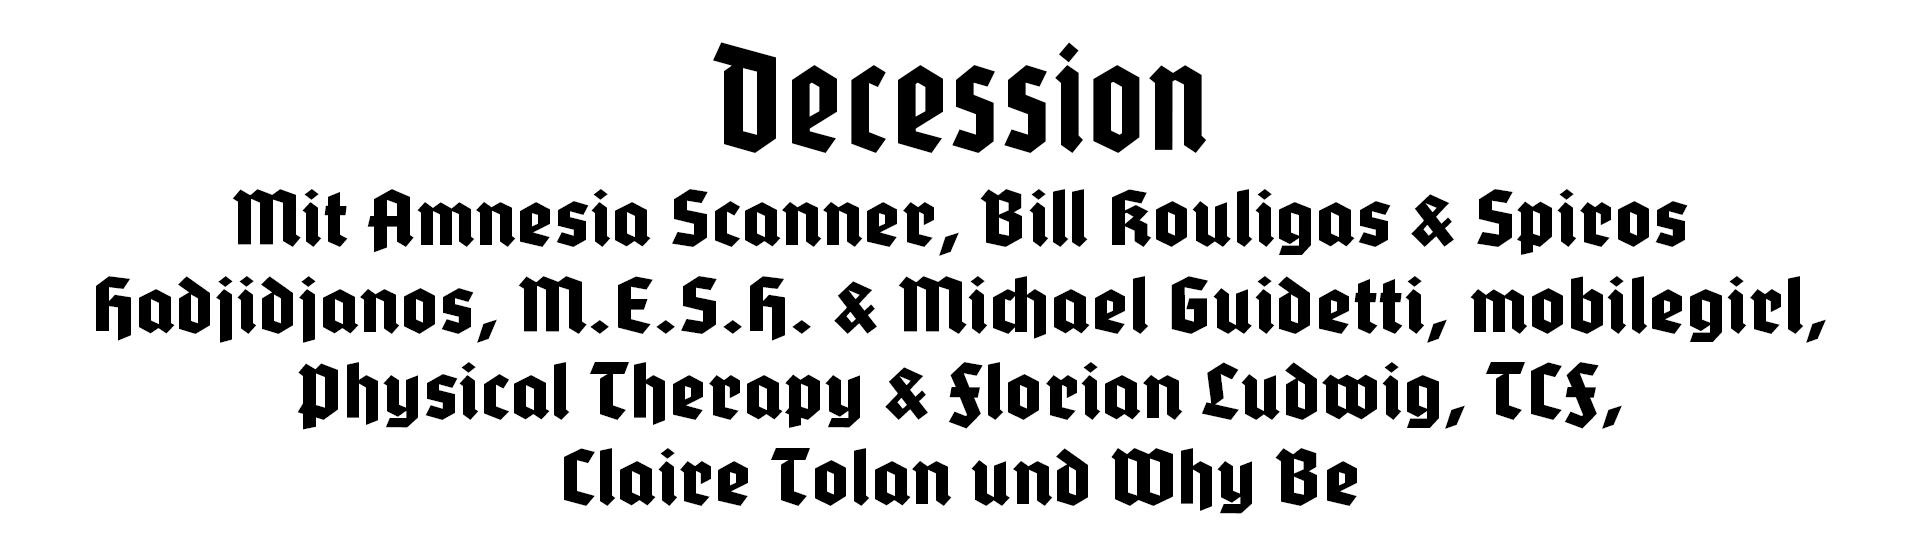 decession